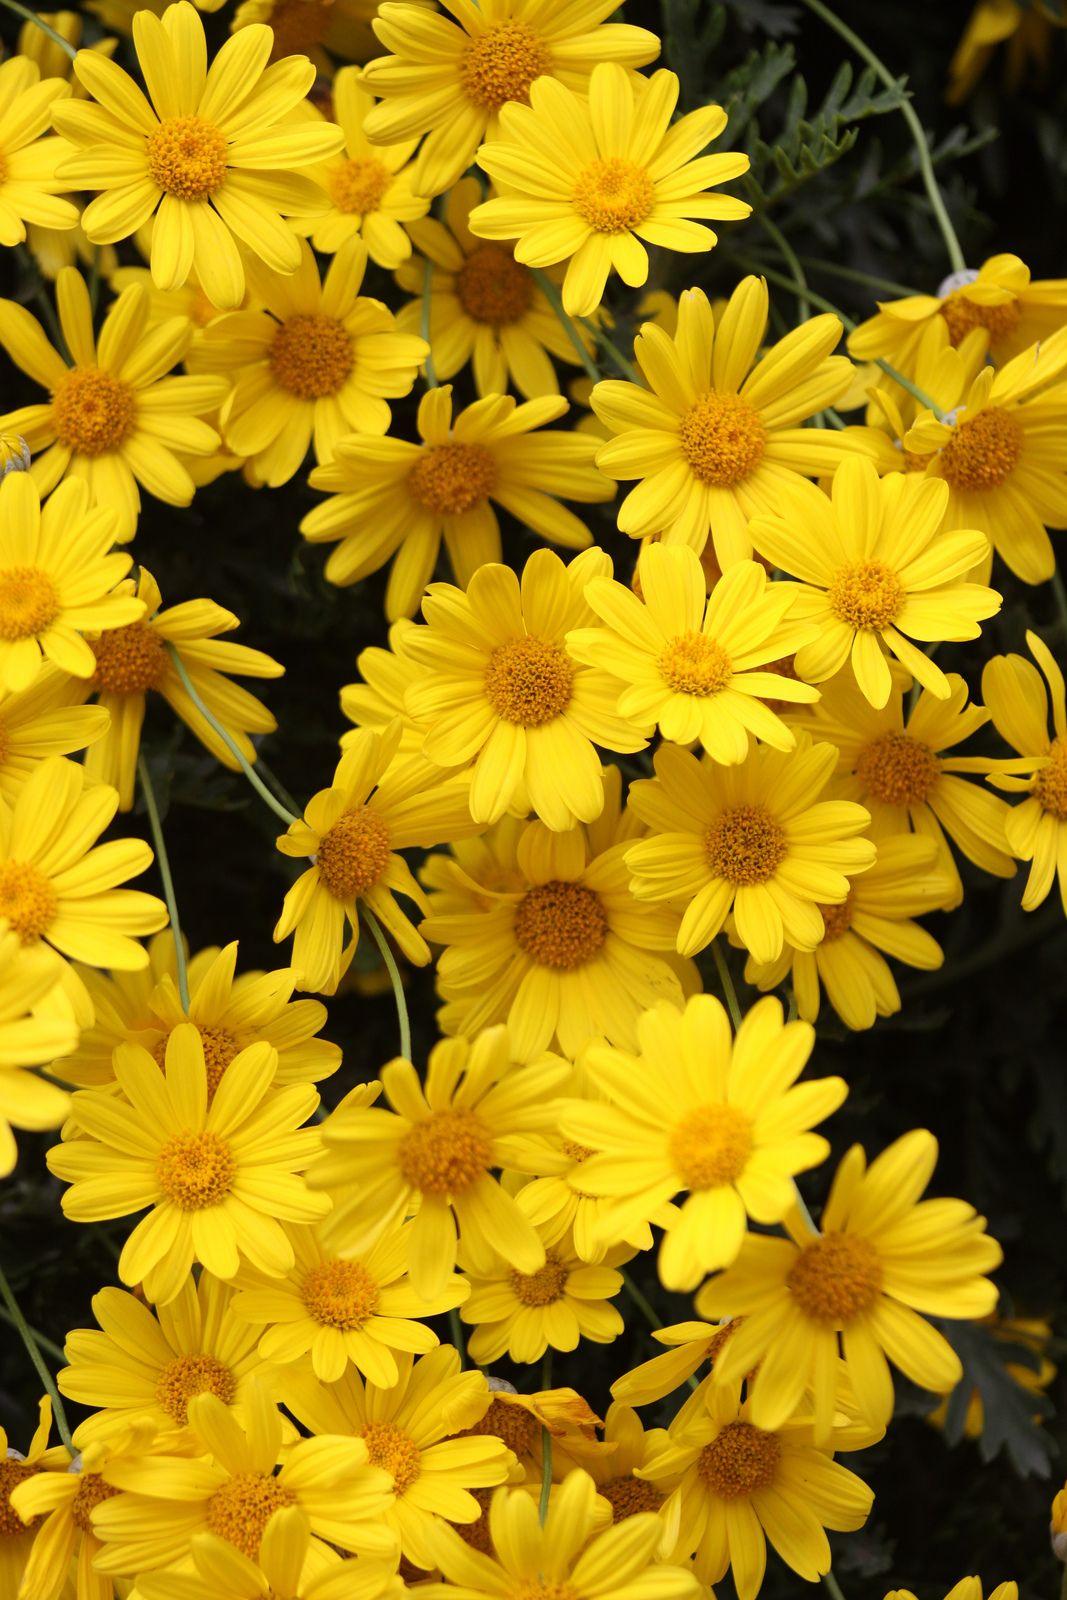 IMG_2569小黃菊 Yellow aesthetic, Yellow wallpaper, Yellow